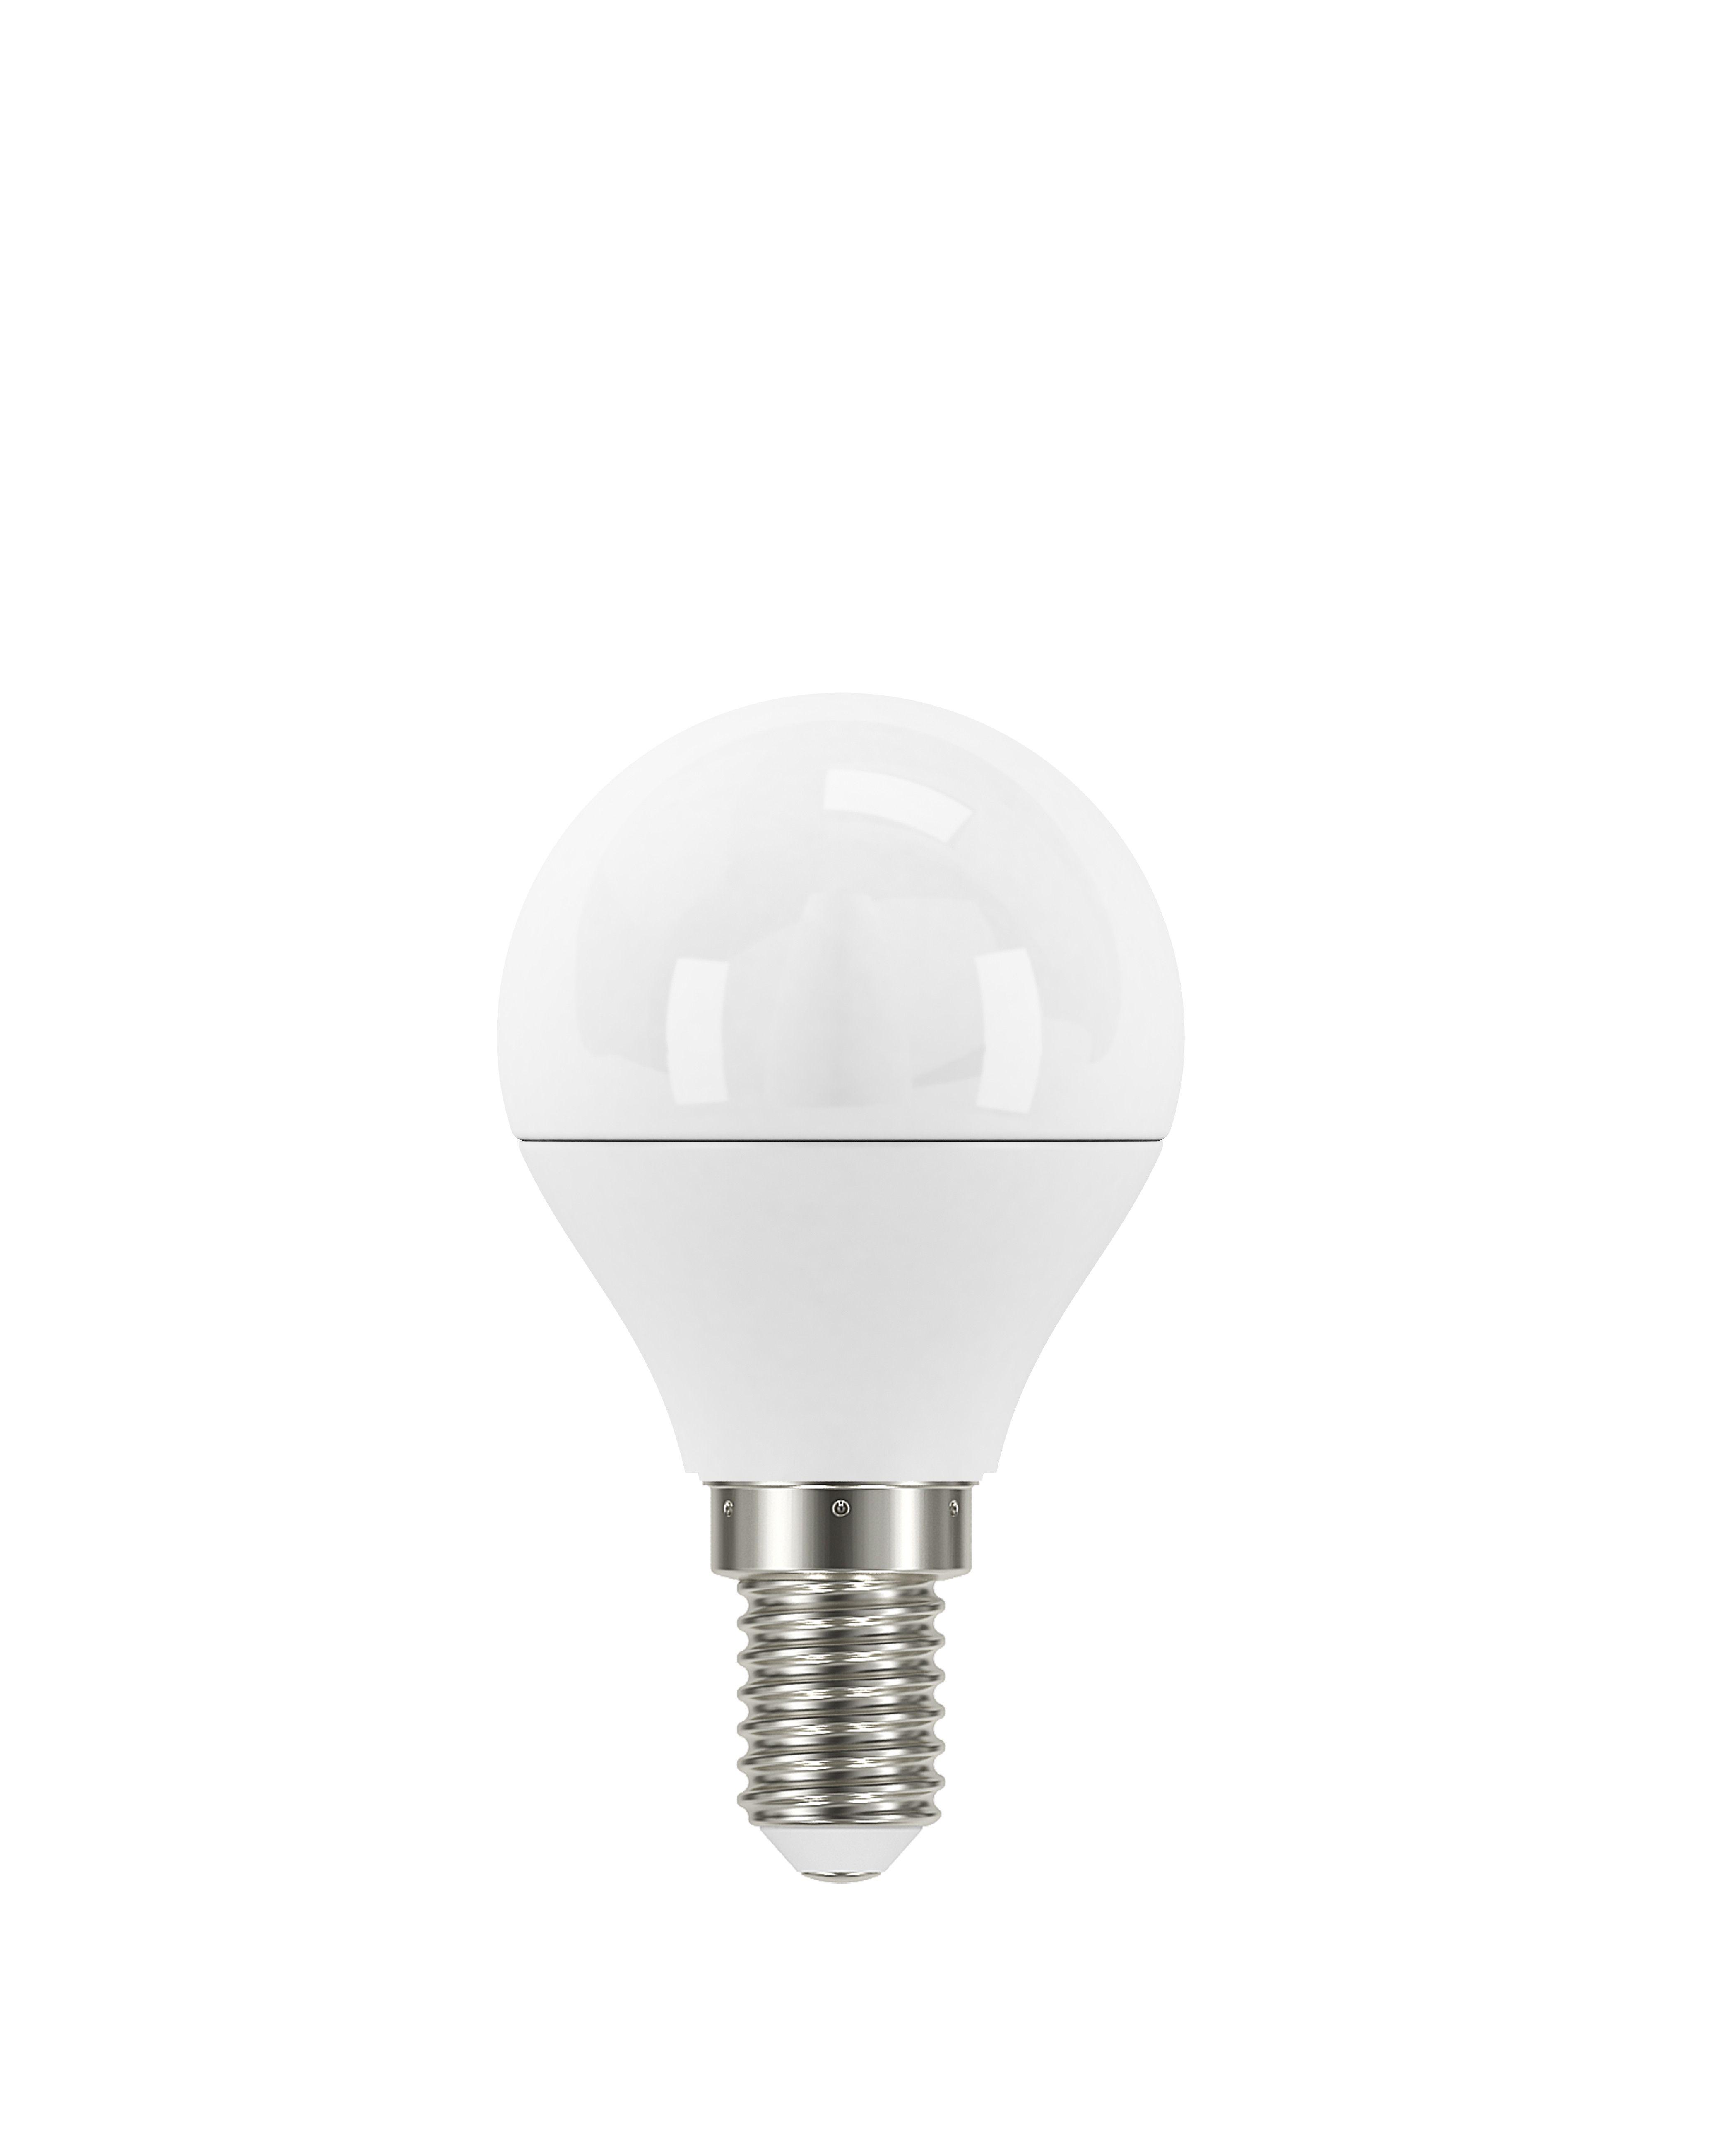 Купить Лампа светодиодная Osram LS CLP40 5, 4W/830 230VFR E14 10X1RUOSRAM теплый-белый, Osram Ledvance